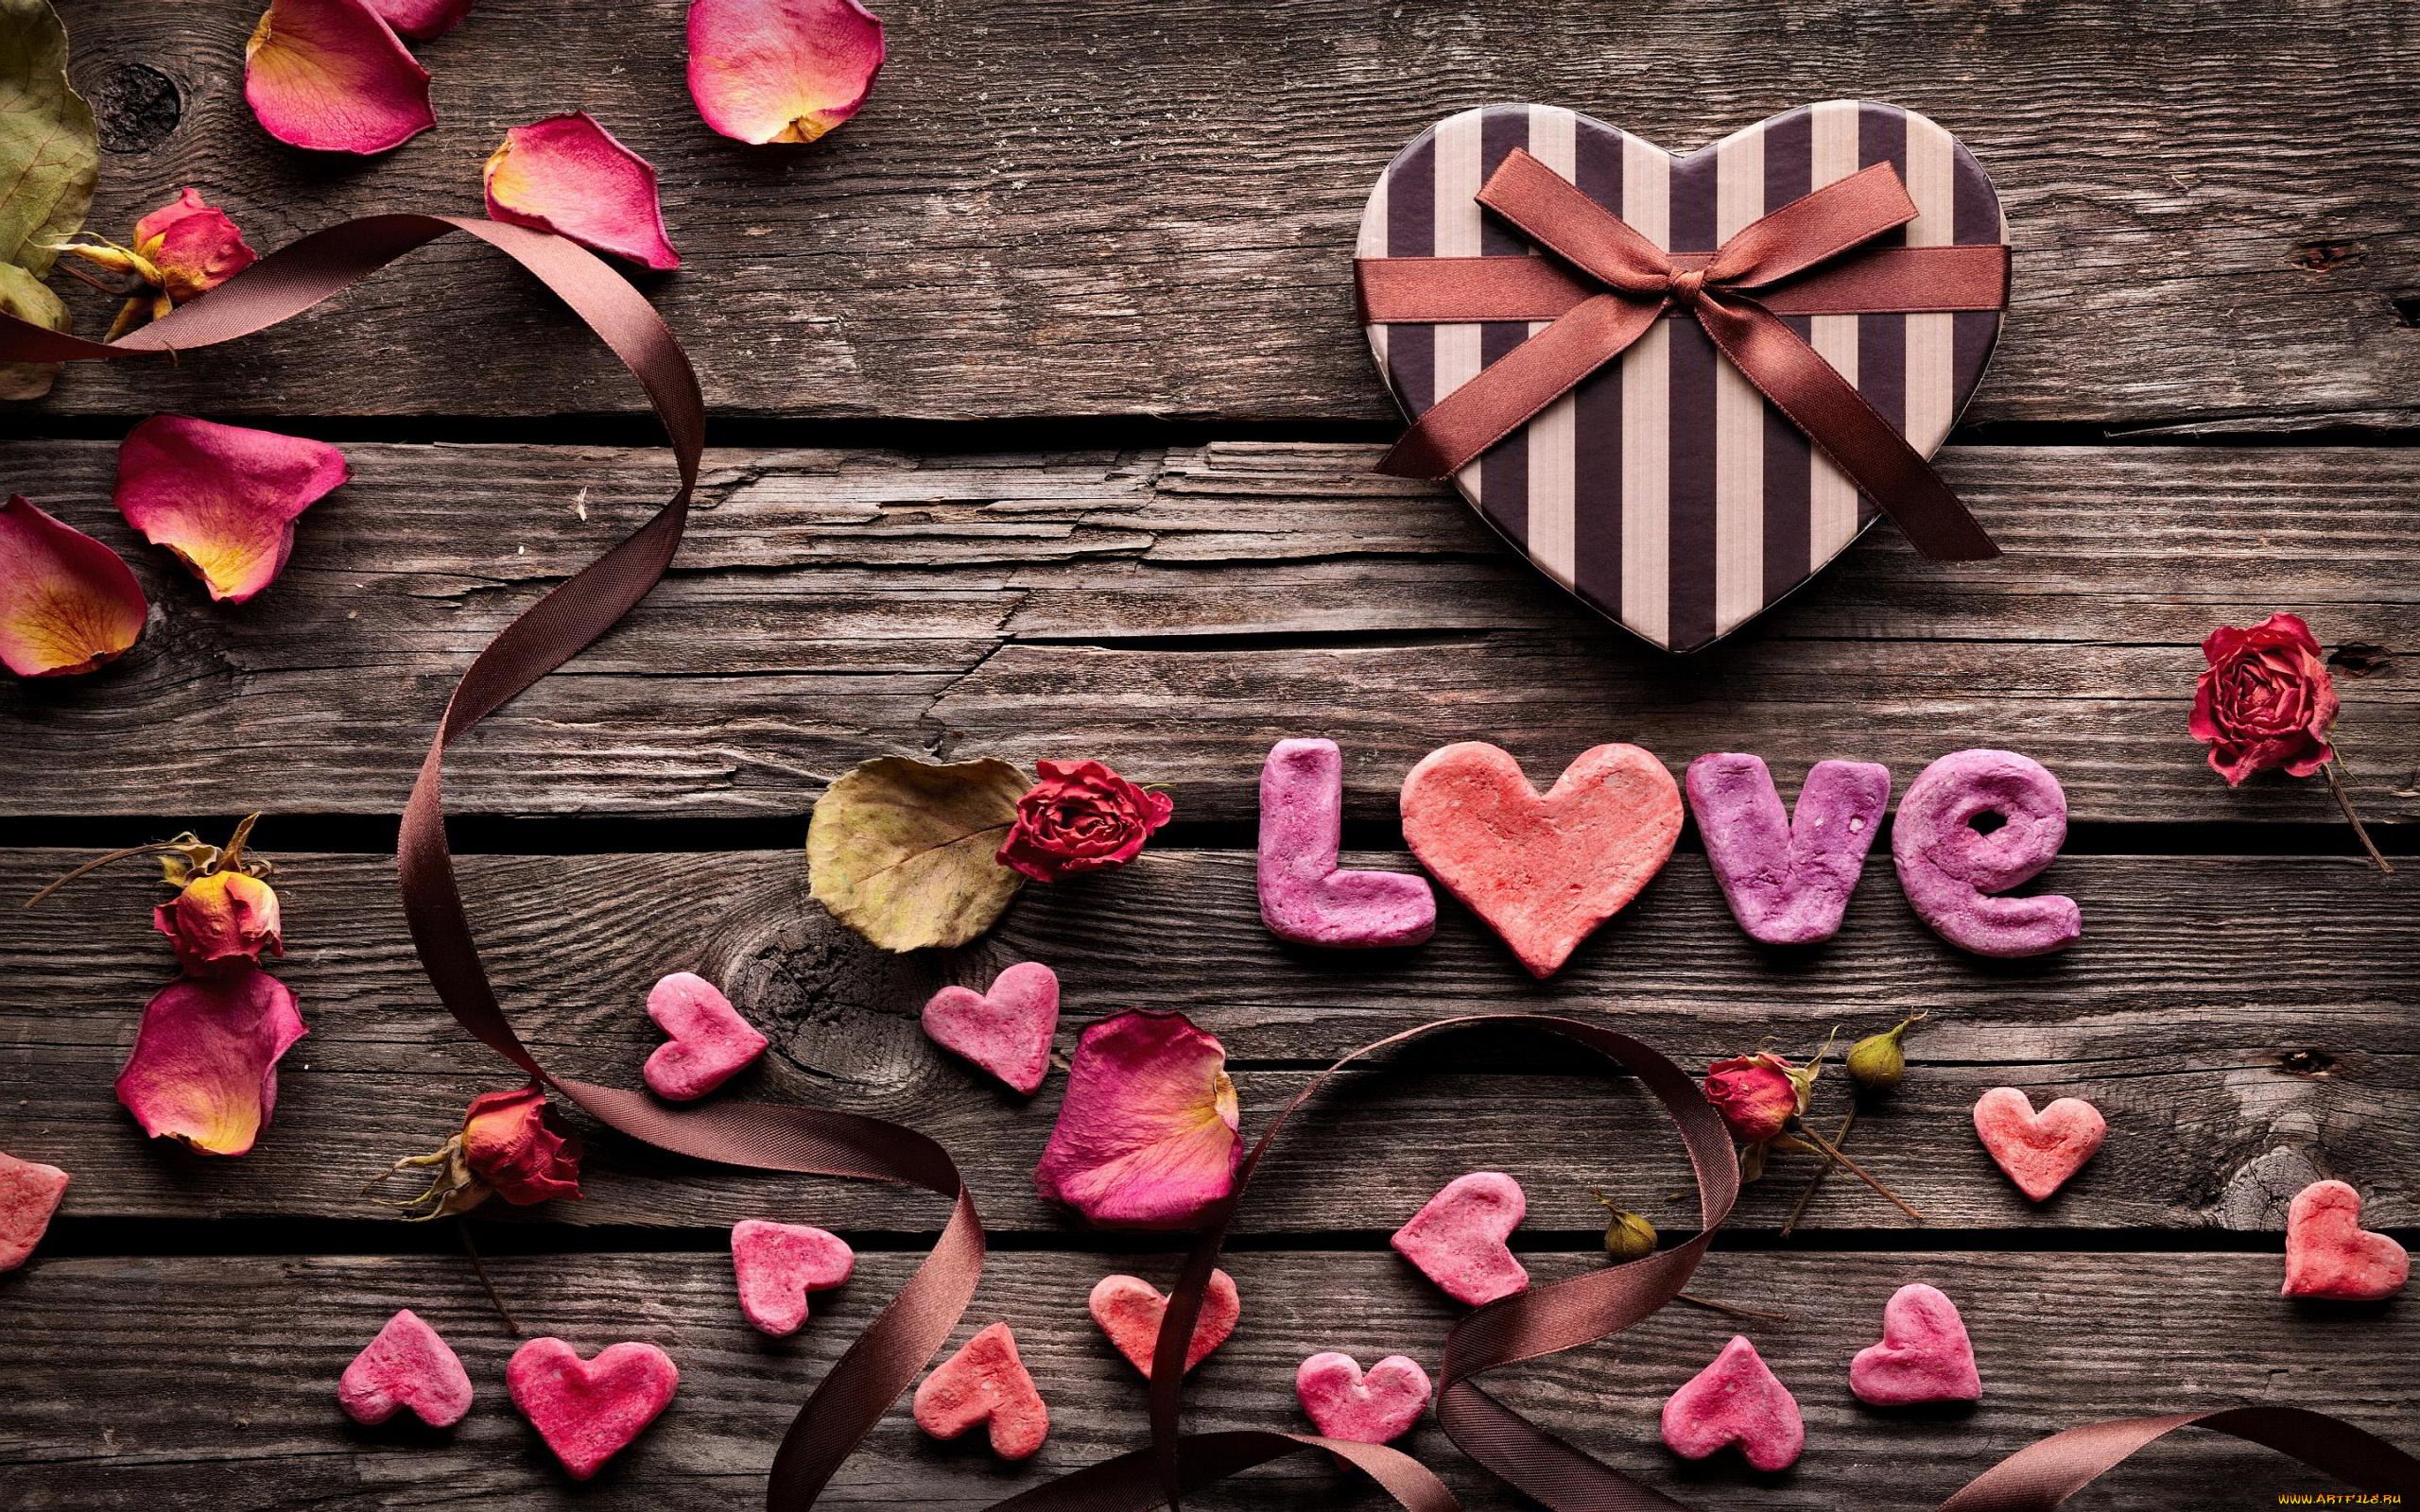 Днем, красивые нежные картинки с днем влюбленных